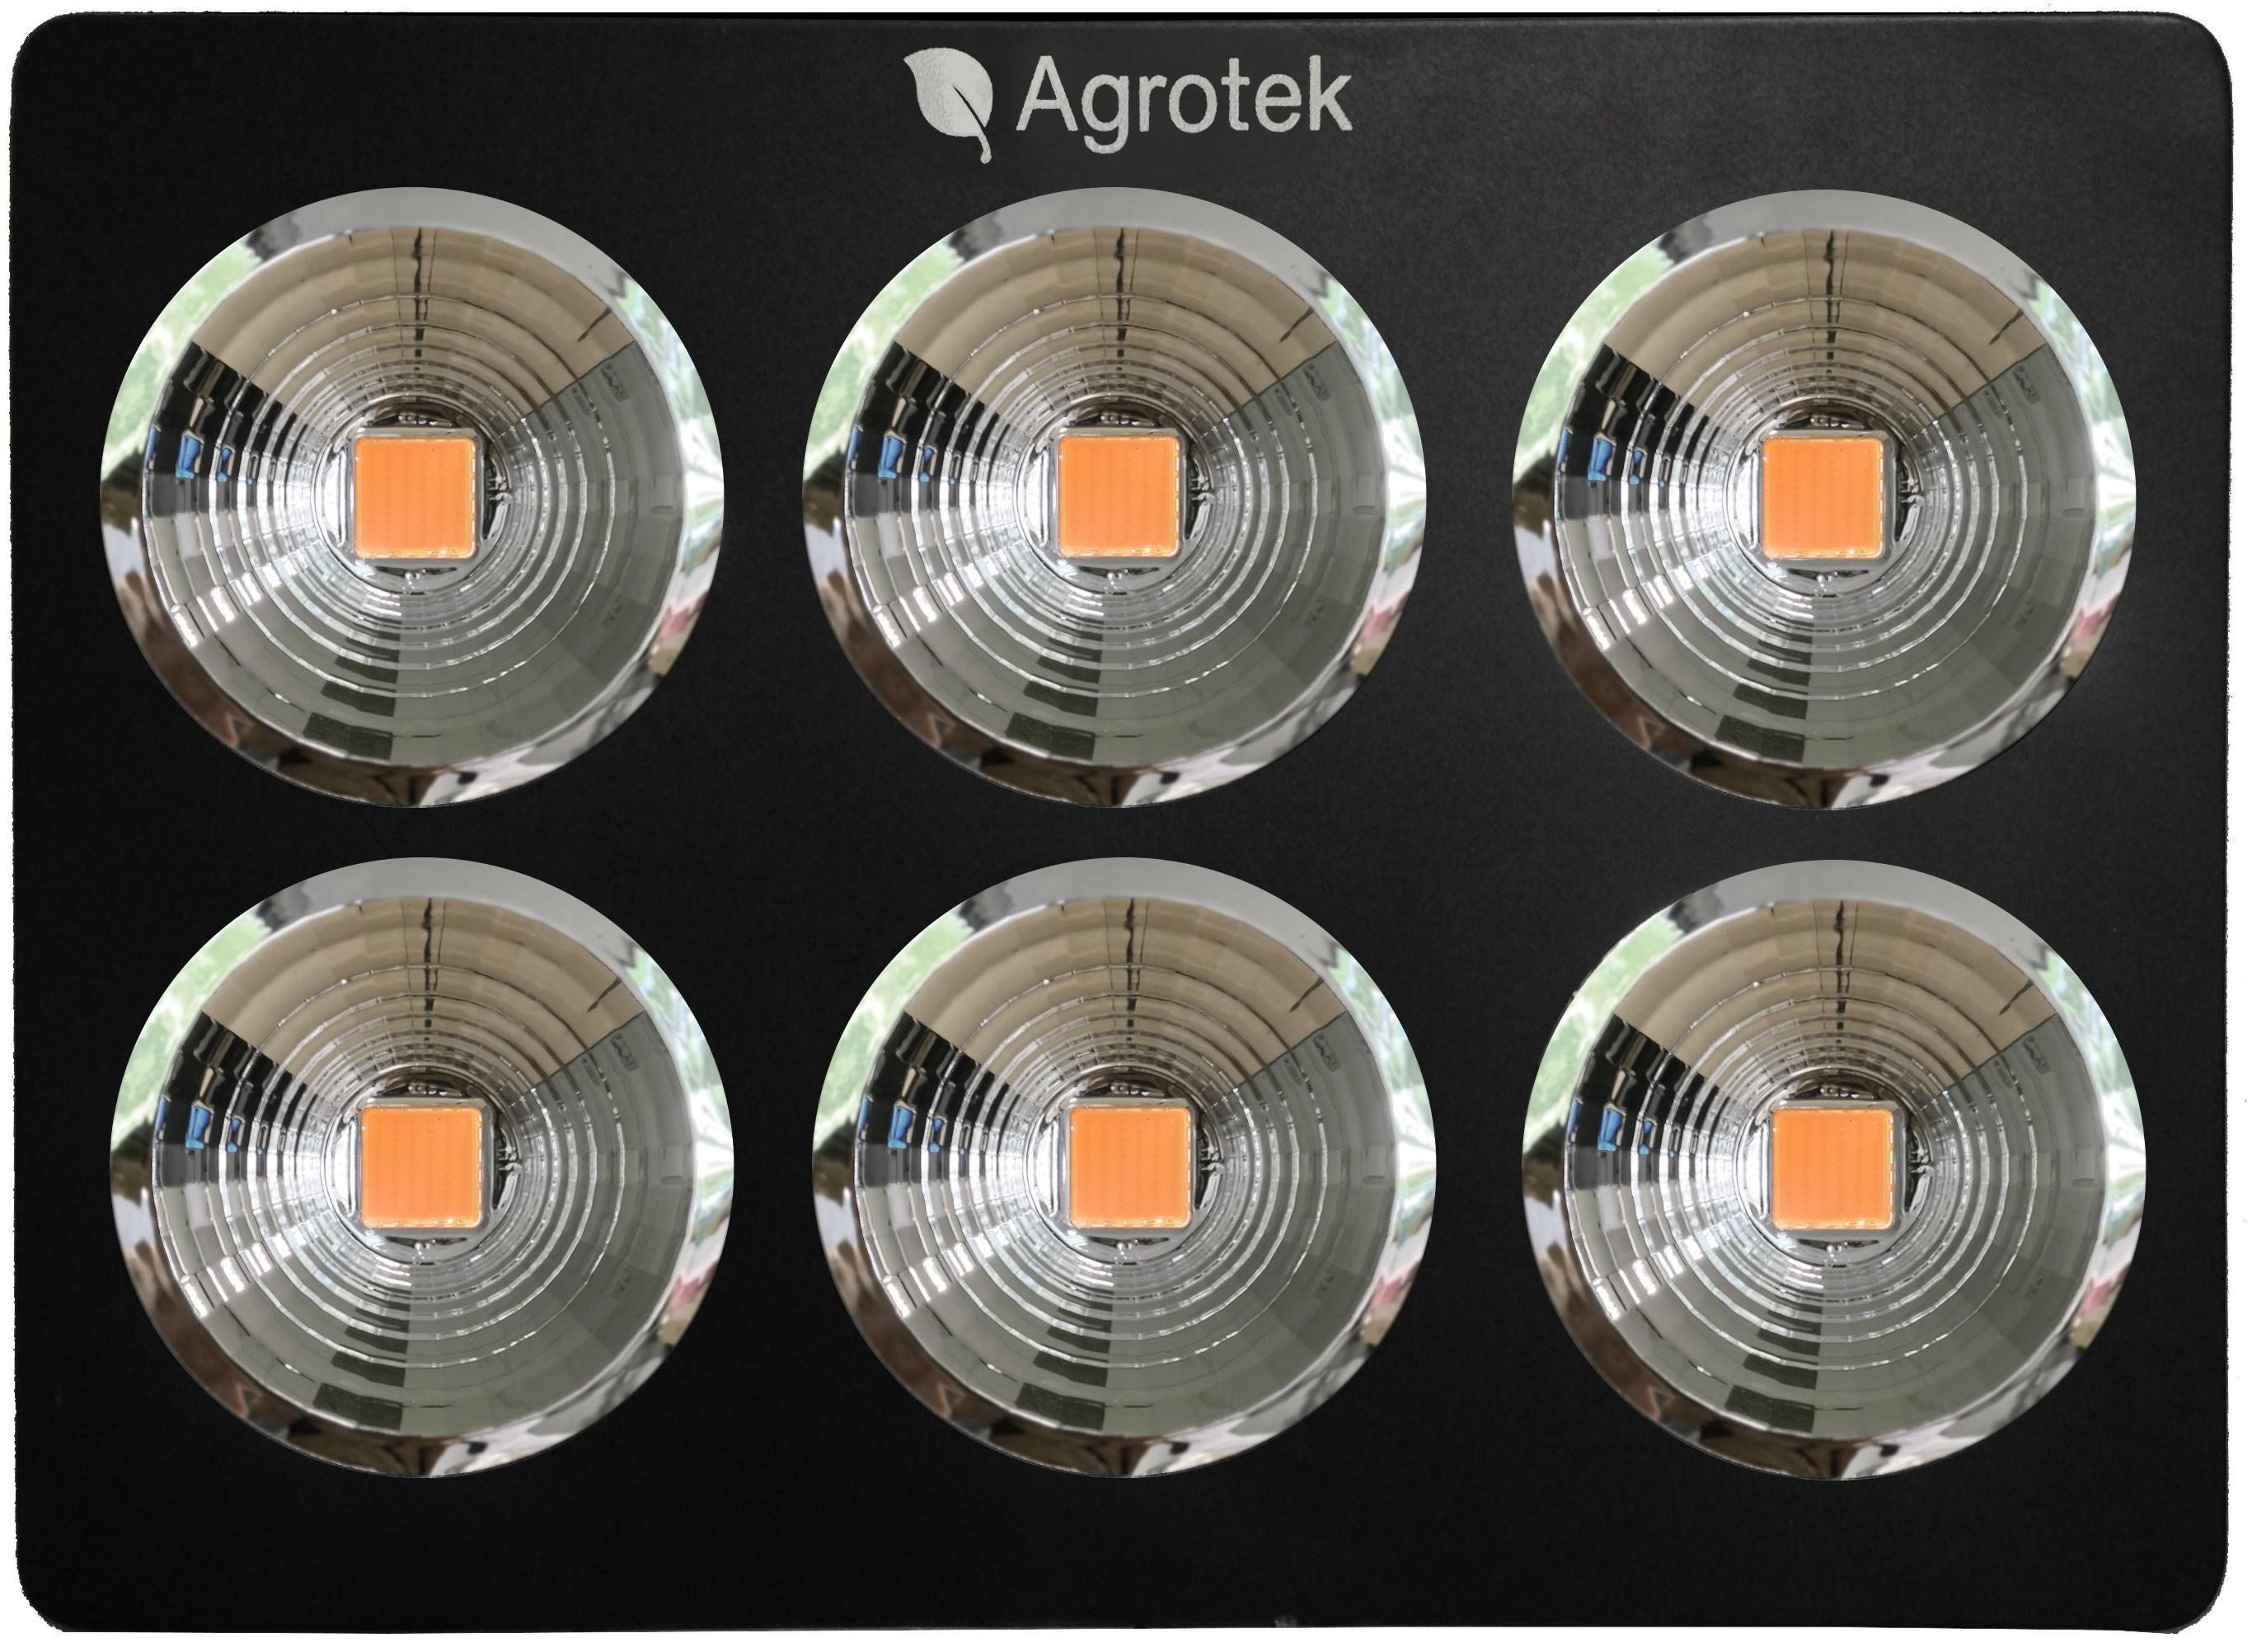 LED Horticole Agrotek 800 (HPS 1200W) Croisance + Floraison